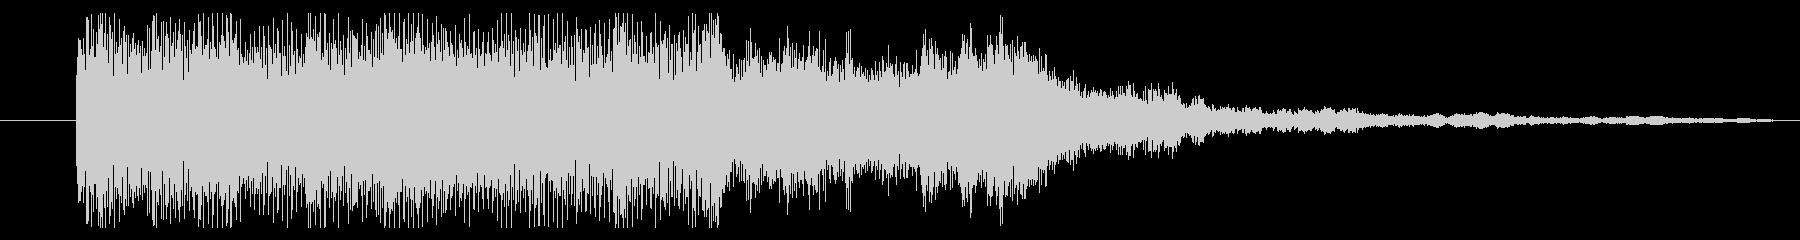 サウンドロゴ 、ジングルの未再生の波形